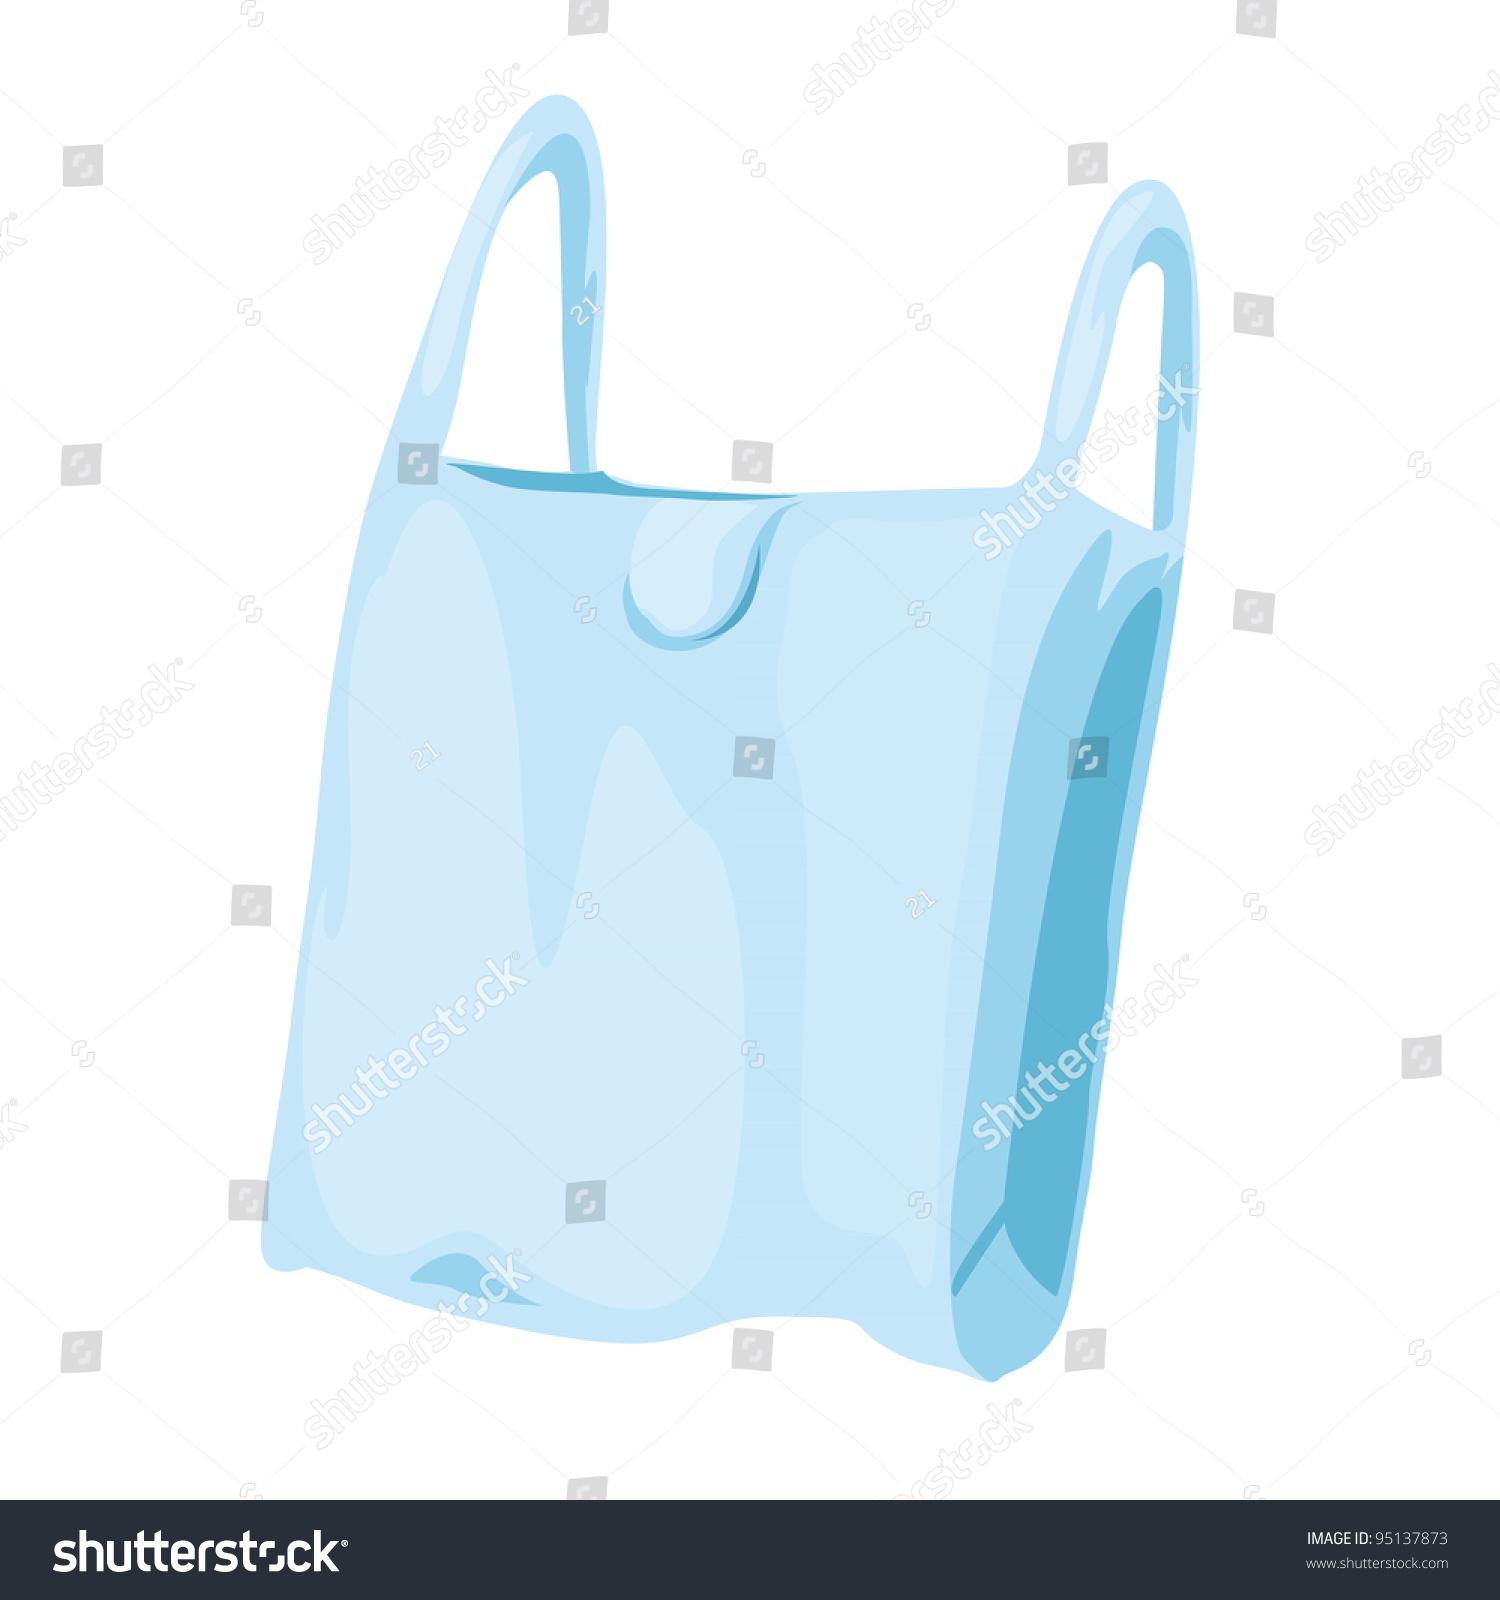 Illustration Plastic Bags Stock Vector 95137873 - Shutterstock